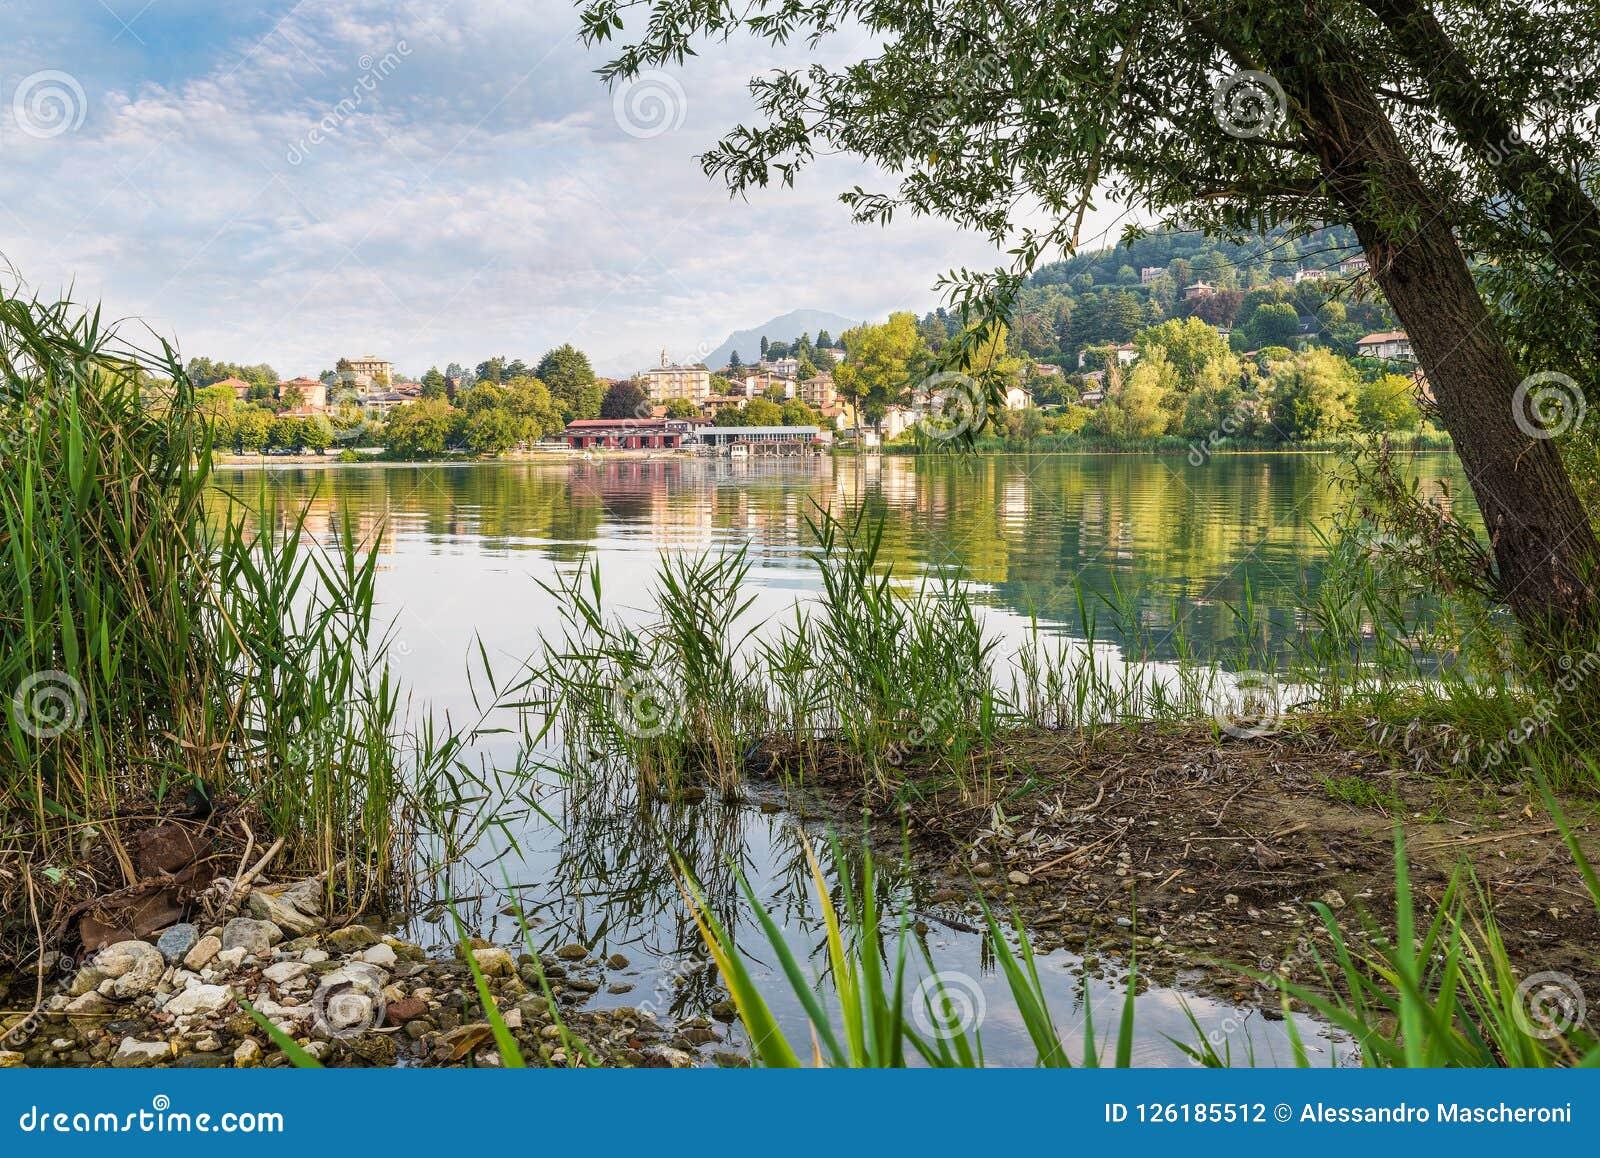 Lago hermoso en Italia septentrional Lago Varese, en el fondo la ciudad de Gavirate con su  promenade  del lago